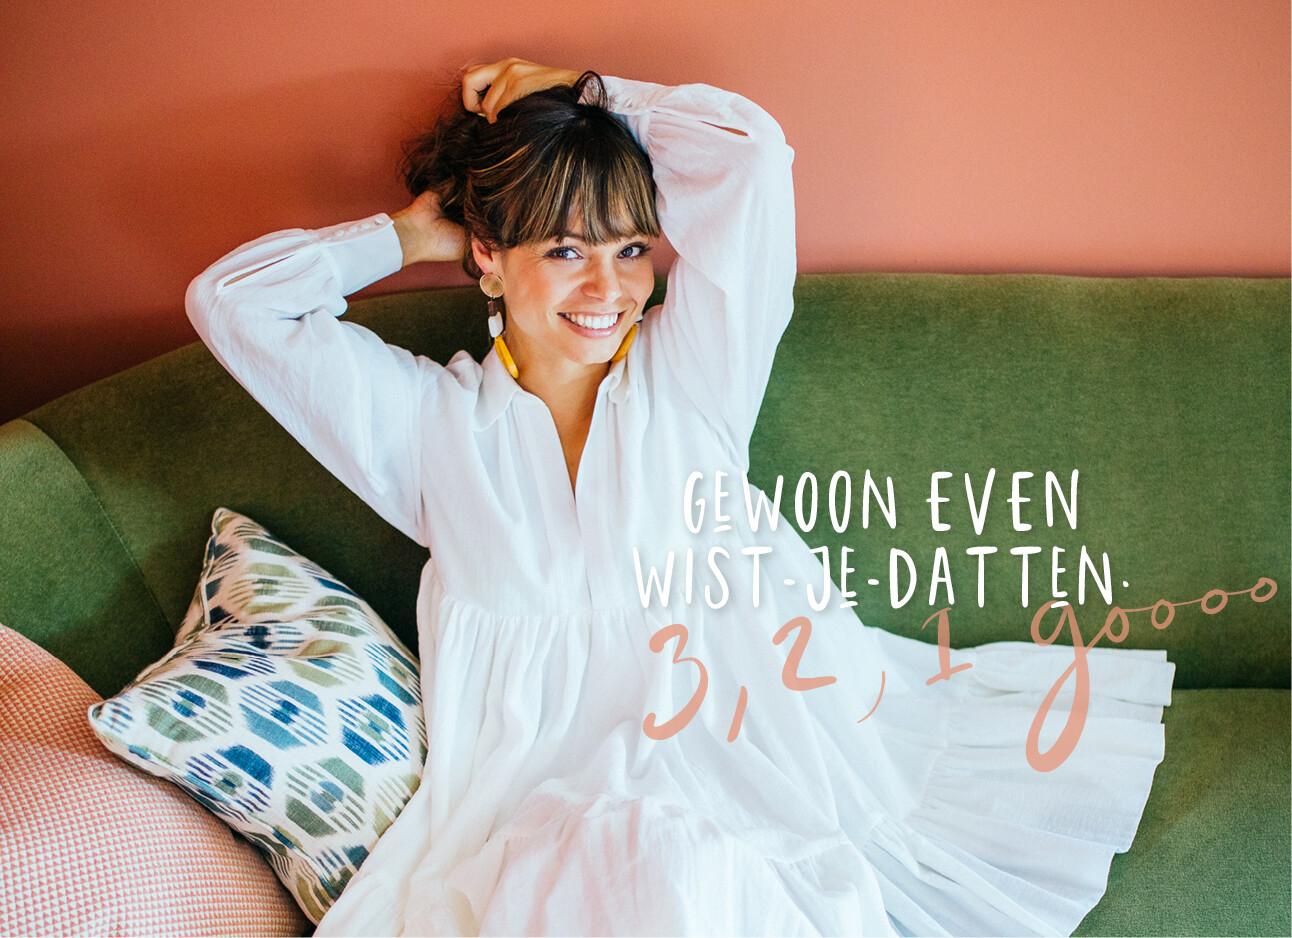 kiki lachend in een witte jurk op de bank